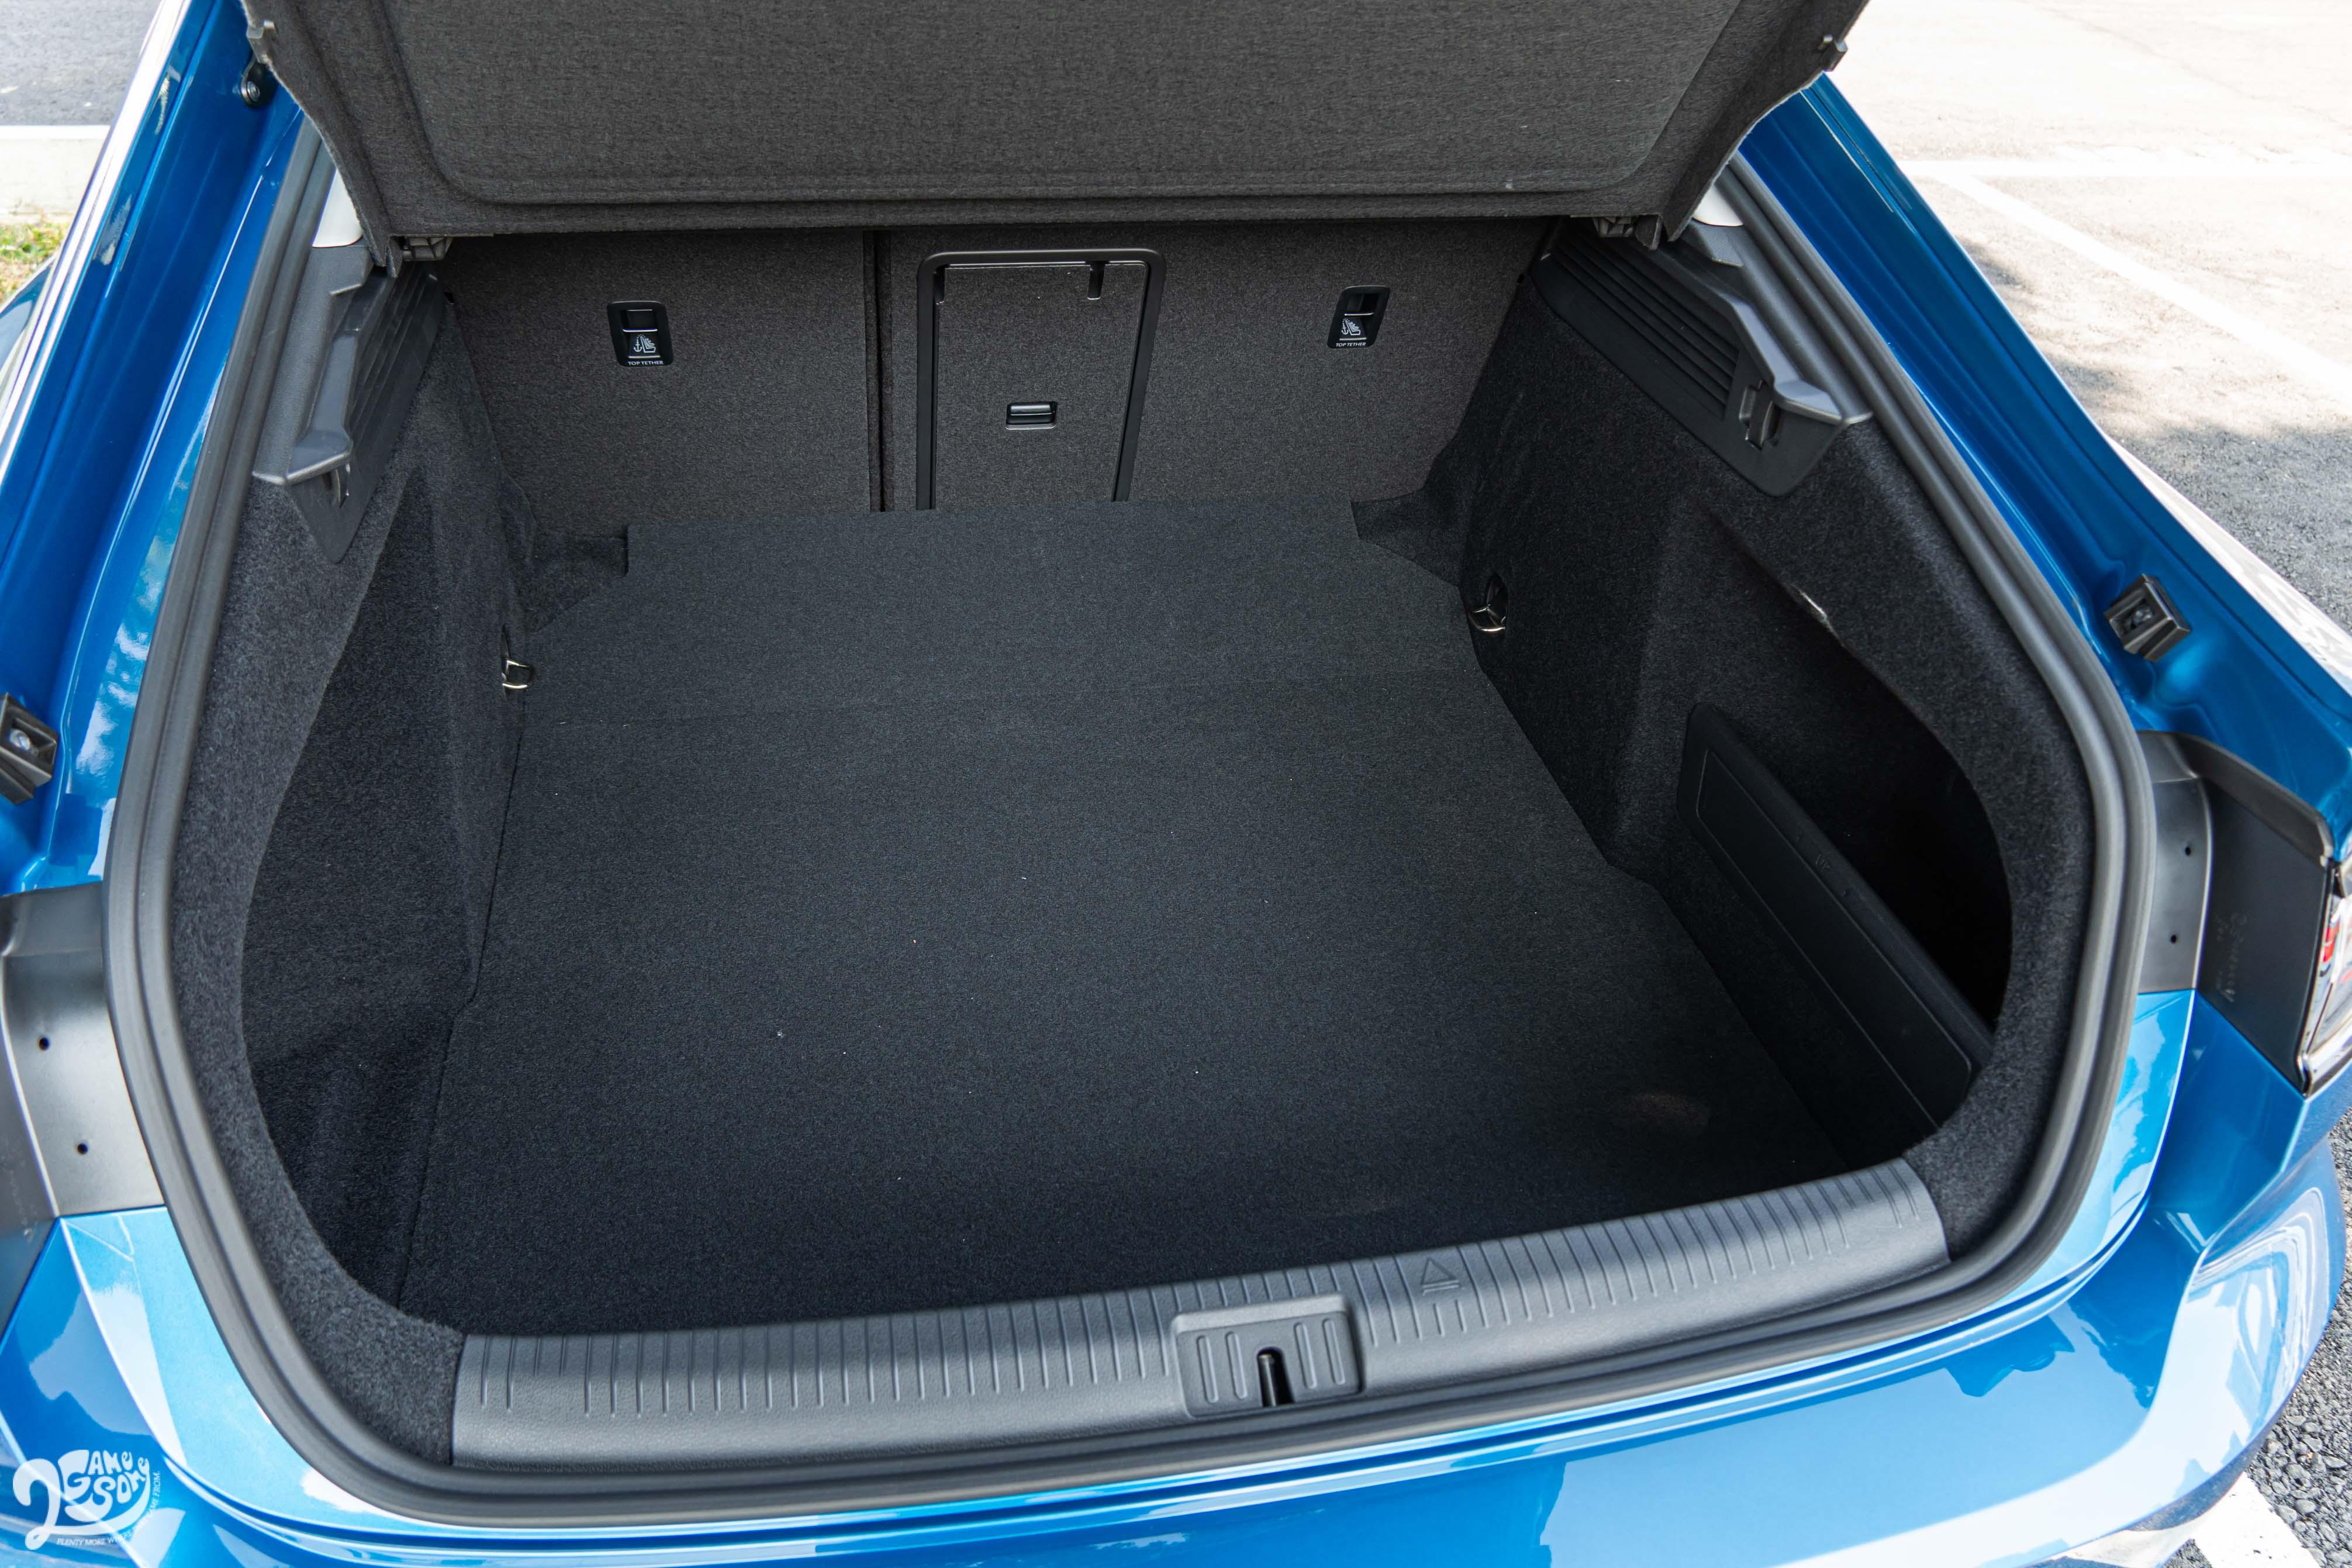 Fastback 車型在標準乘坐狀態下就可擁有 563 公升置物容積。